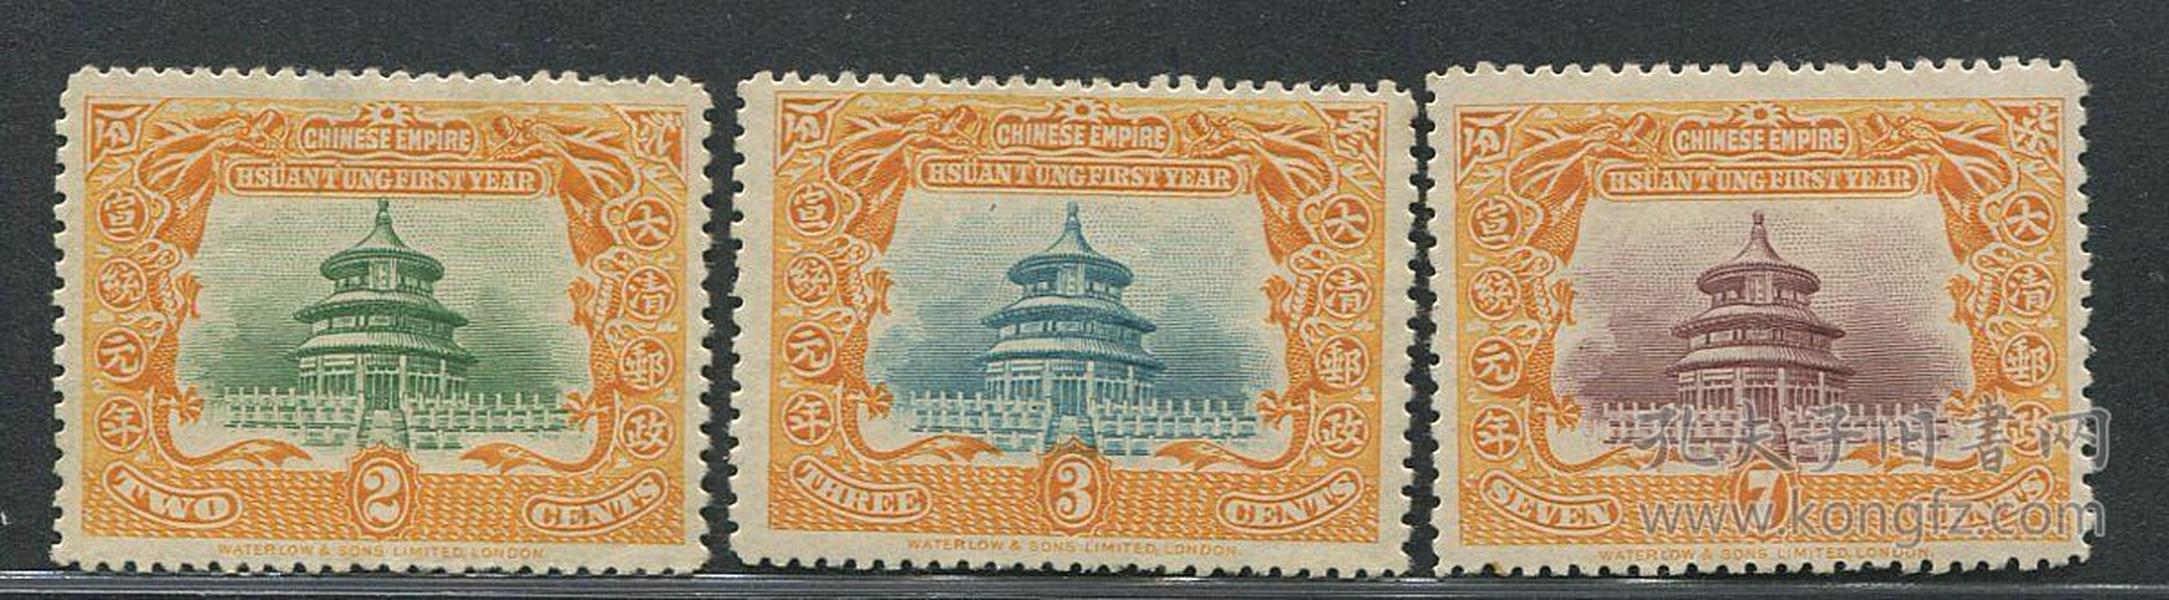 大清朝代邮票 清代邮票 宣统皇帝登基纪念新票 3全(上品)